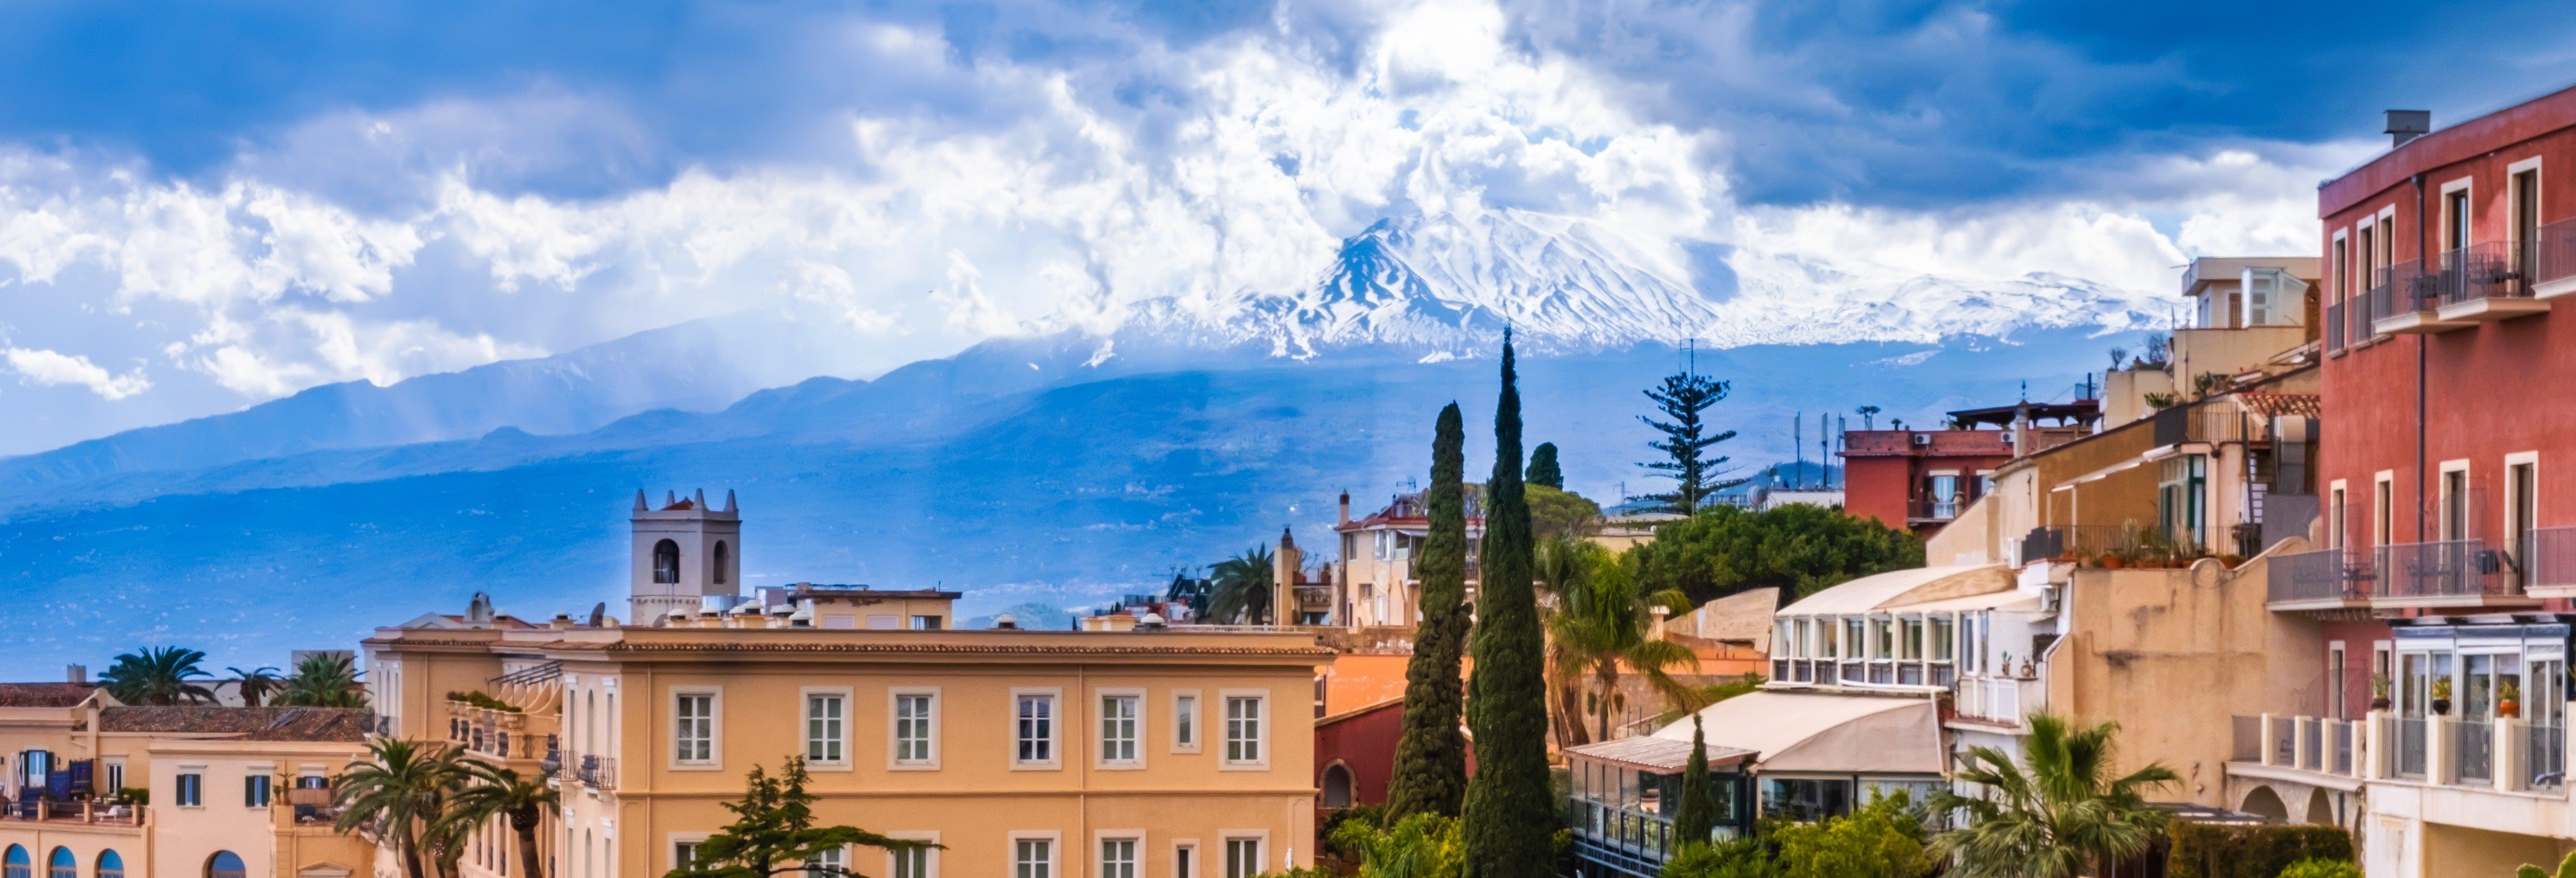 Excursão a Savoca e Taormina